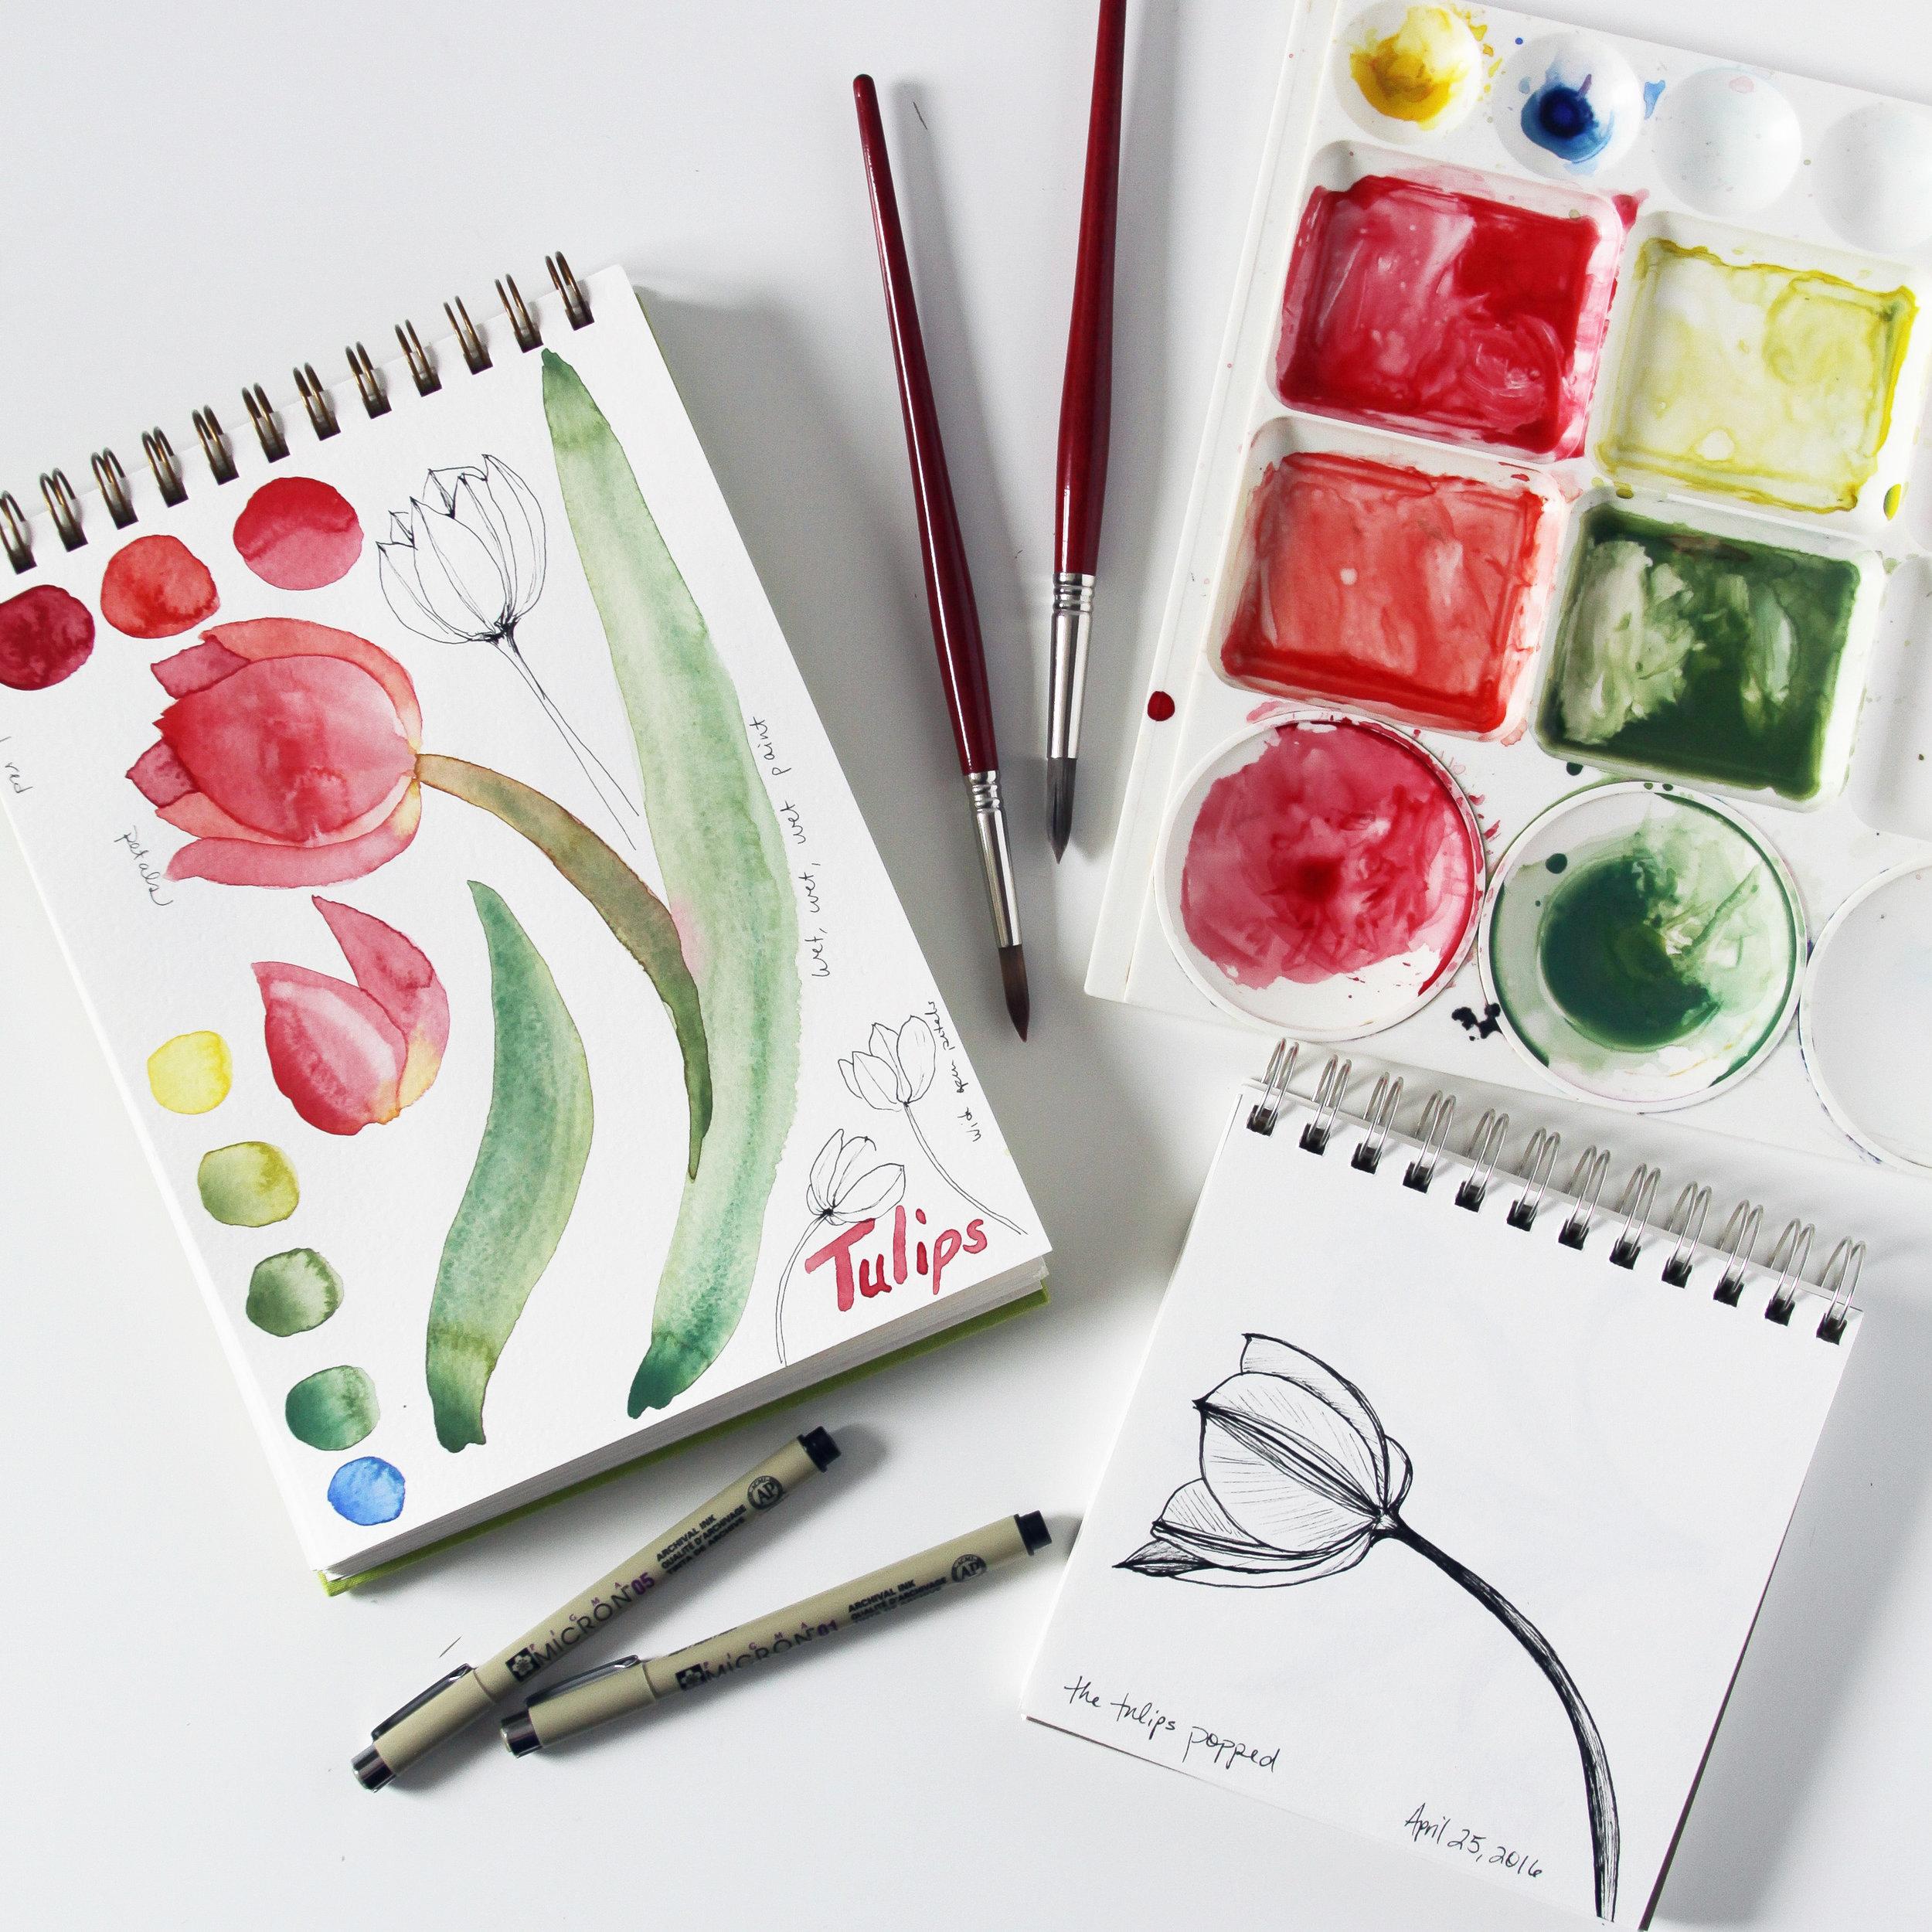 Watercolor Tulips in Anne Butera's Sketchbooks